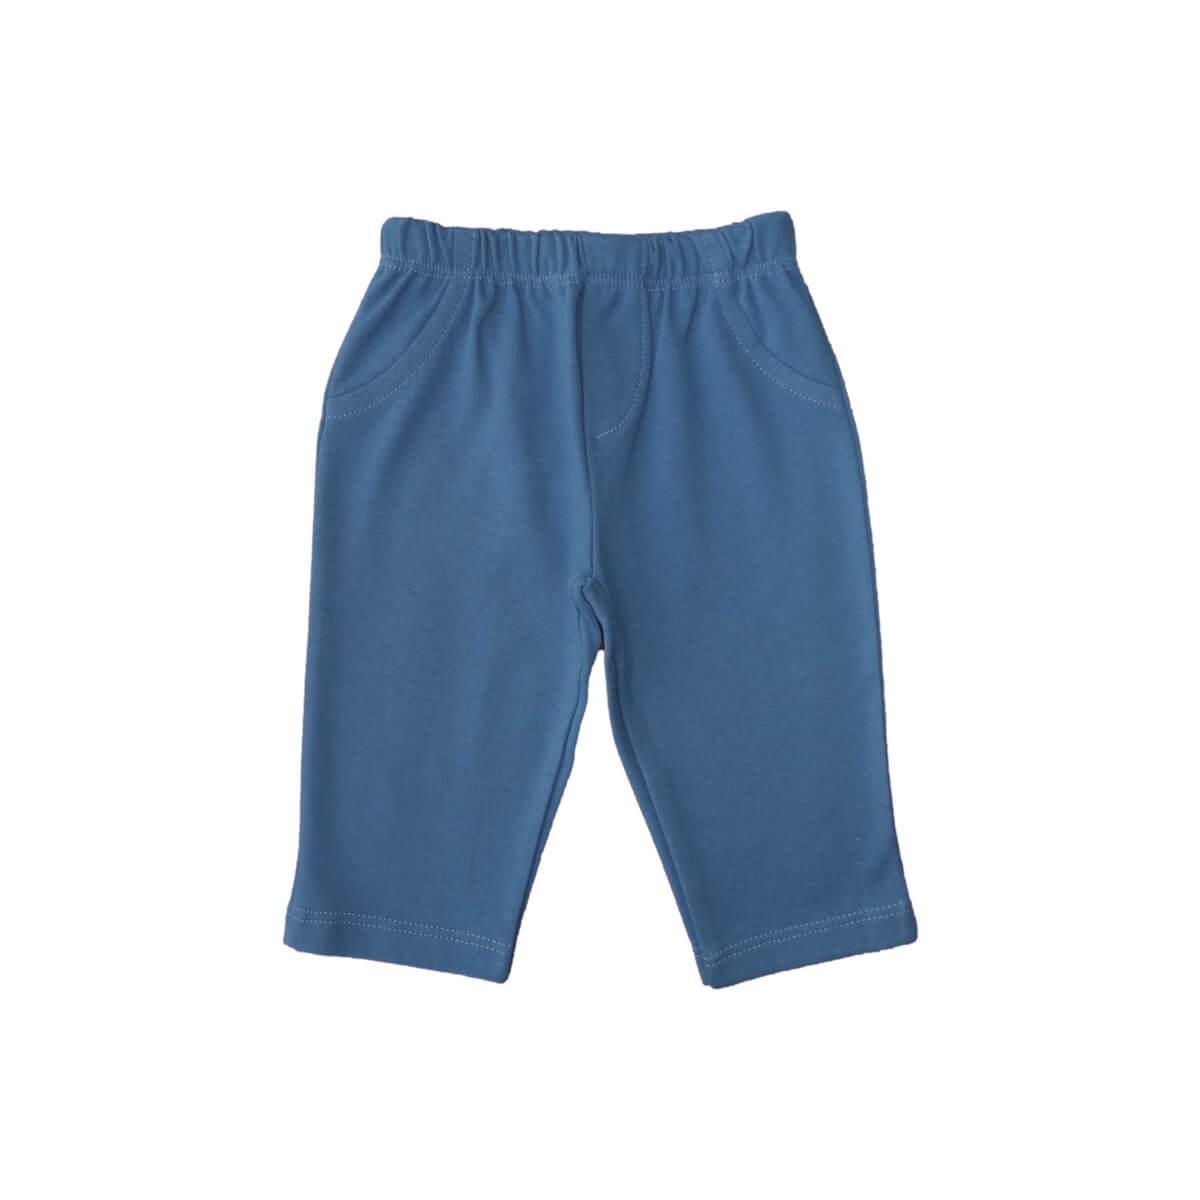 Calça Masculina Azul Denim